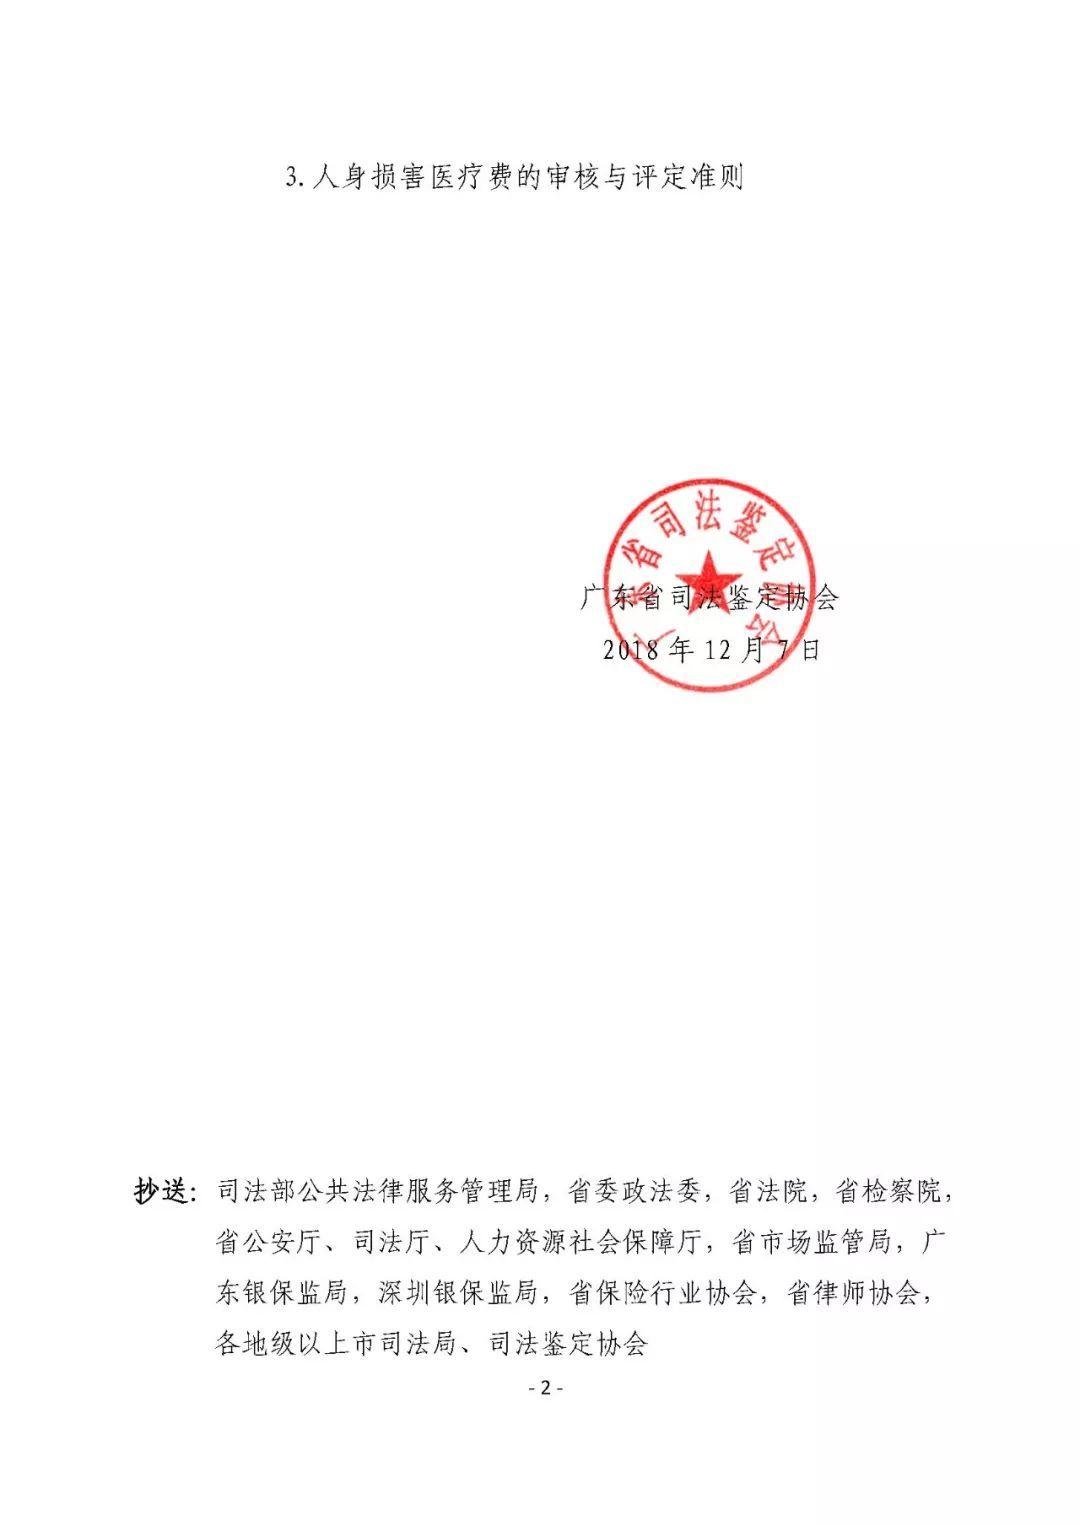 广东省司法鉴定协会 关于发布《法医临床司法鉴定行业指引(修订版)》的通知)》 粤鉴协【2018】31号 2